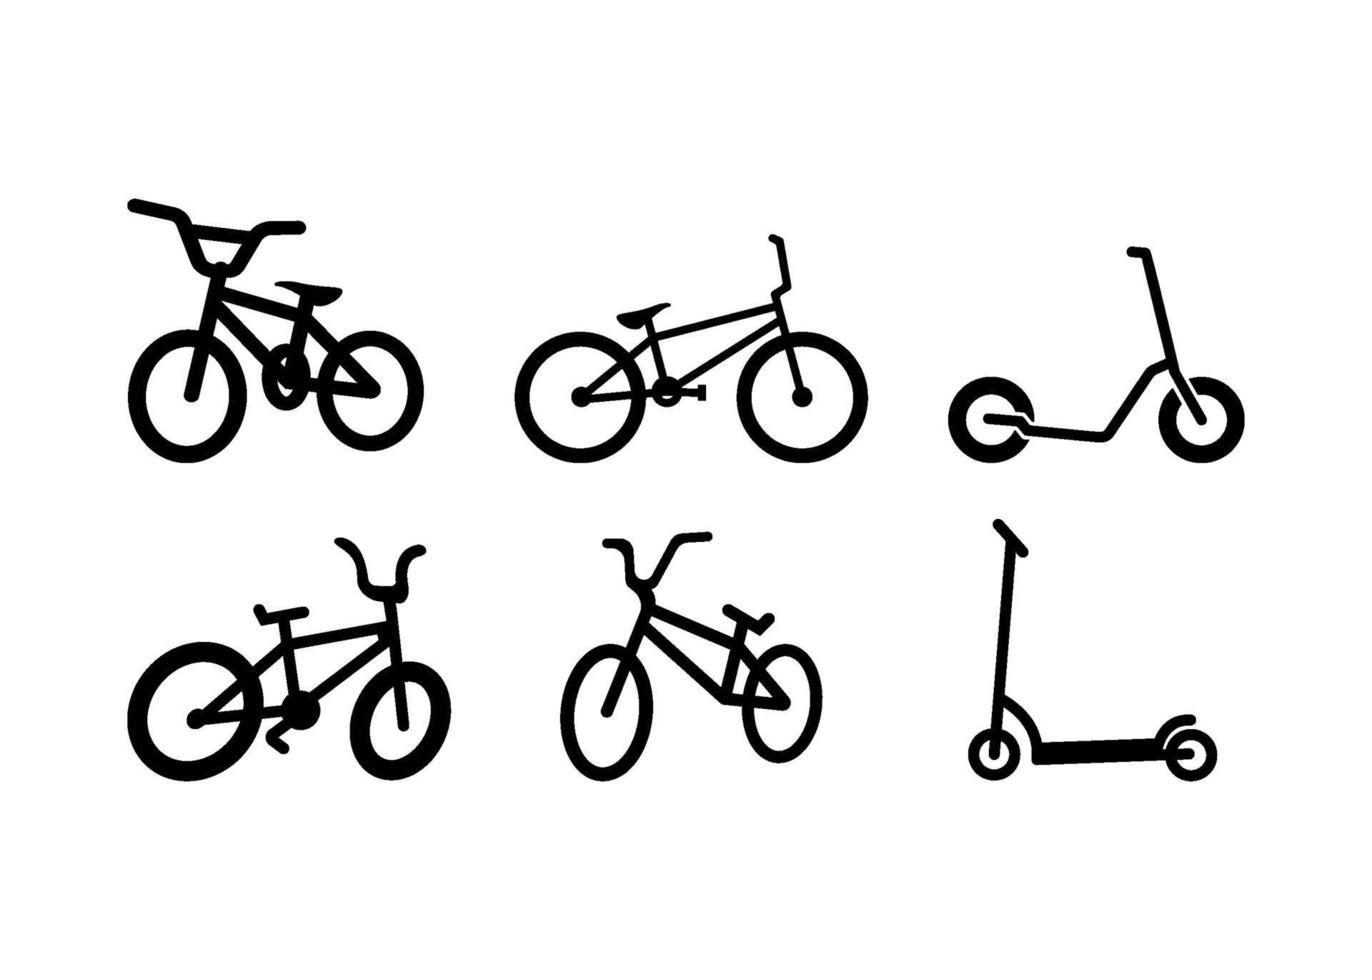 cykel ikon design mall vektorillustration vektor